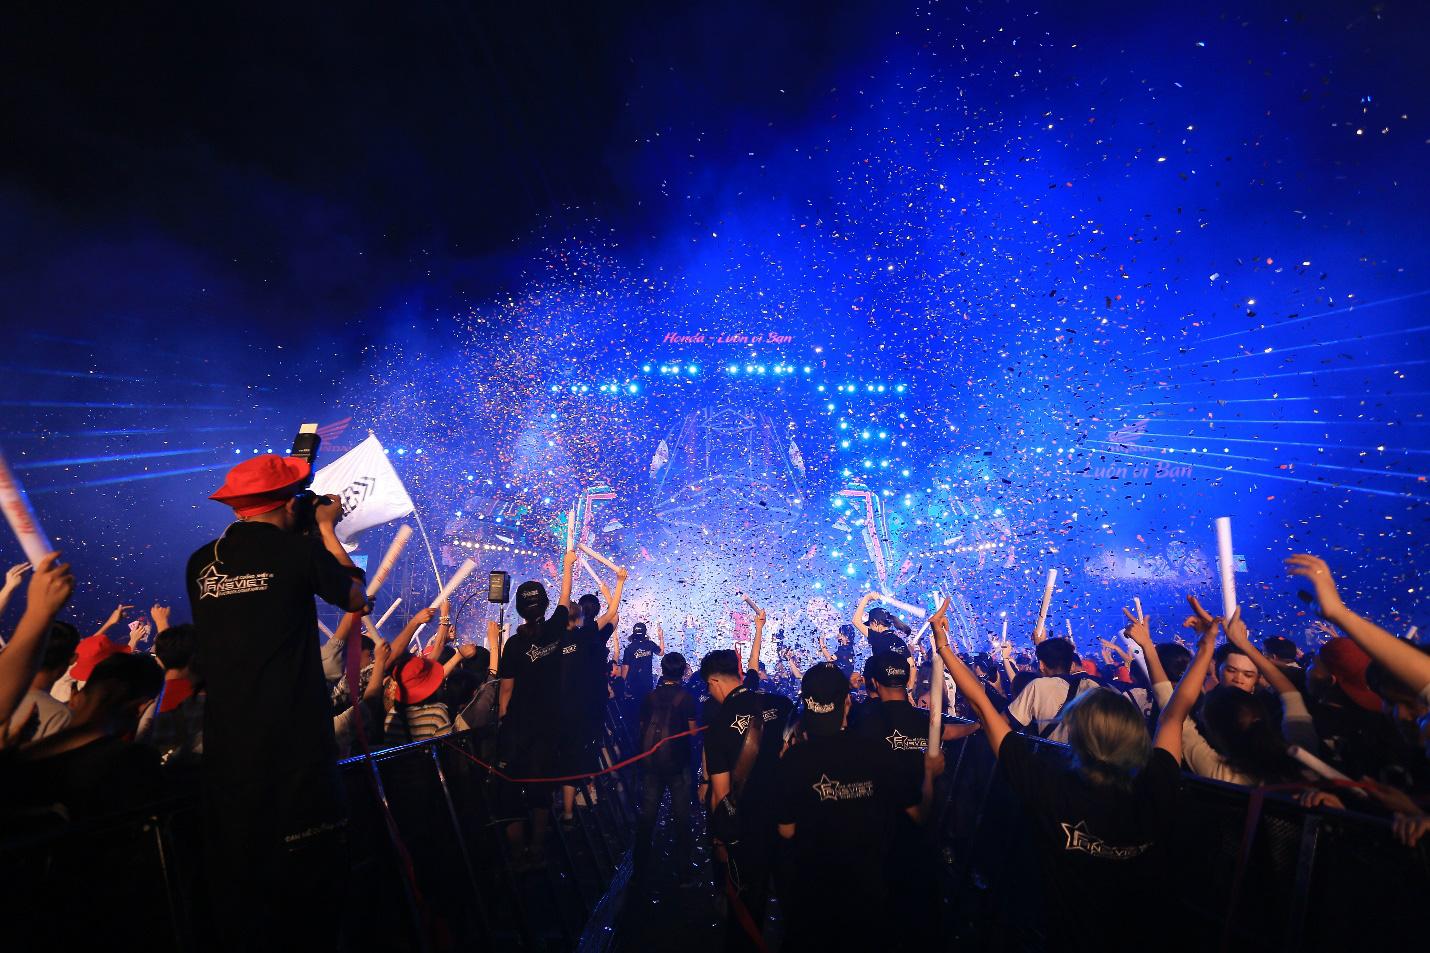 """Cháy hết mình cùng chuỗi sự kiện """"Đại nhạc hội Khinh khí cầu – Honda Luôn vì bạn"""" - Ảnh 3."""